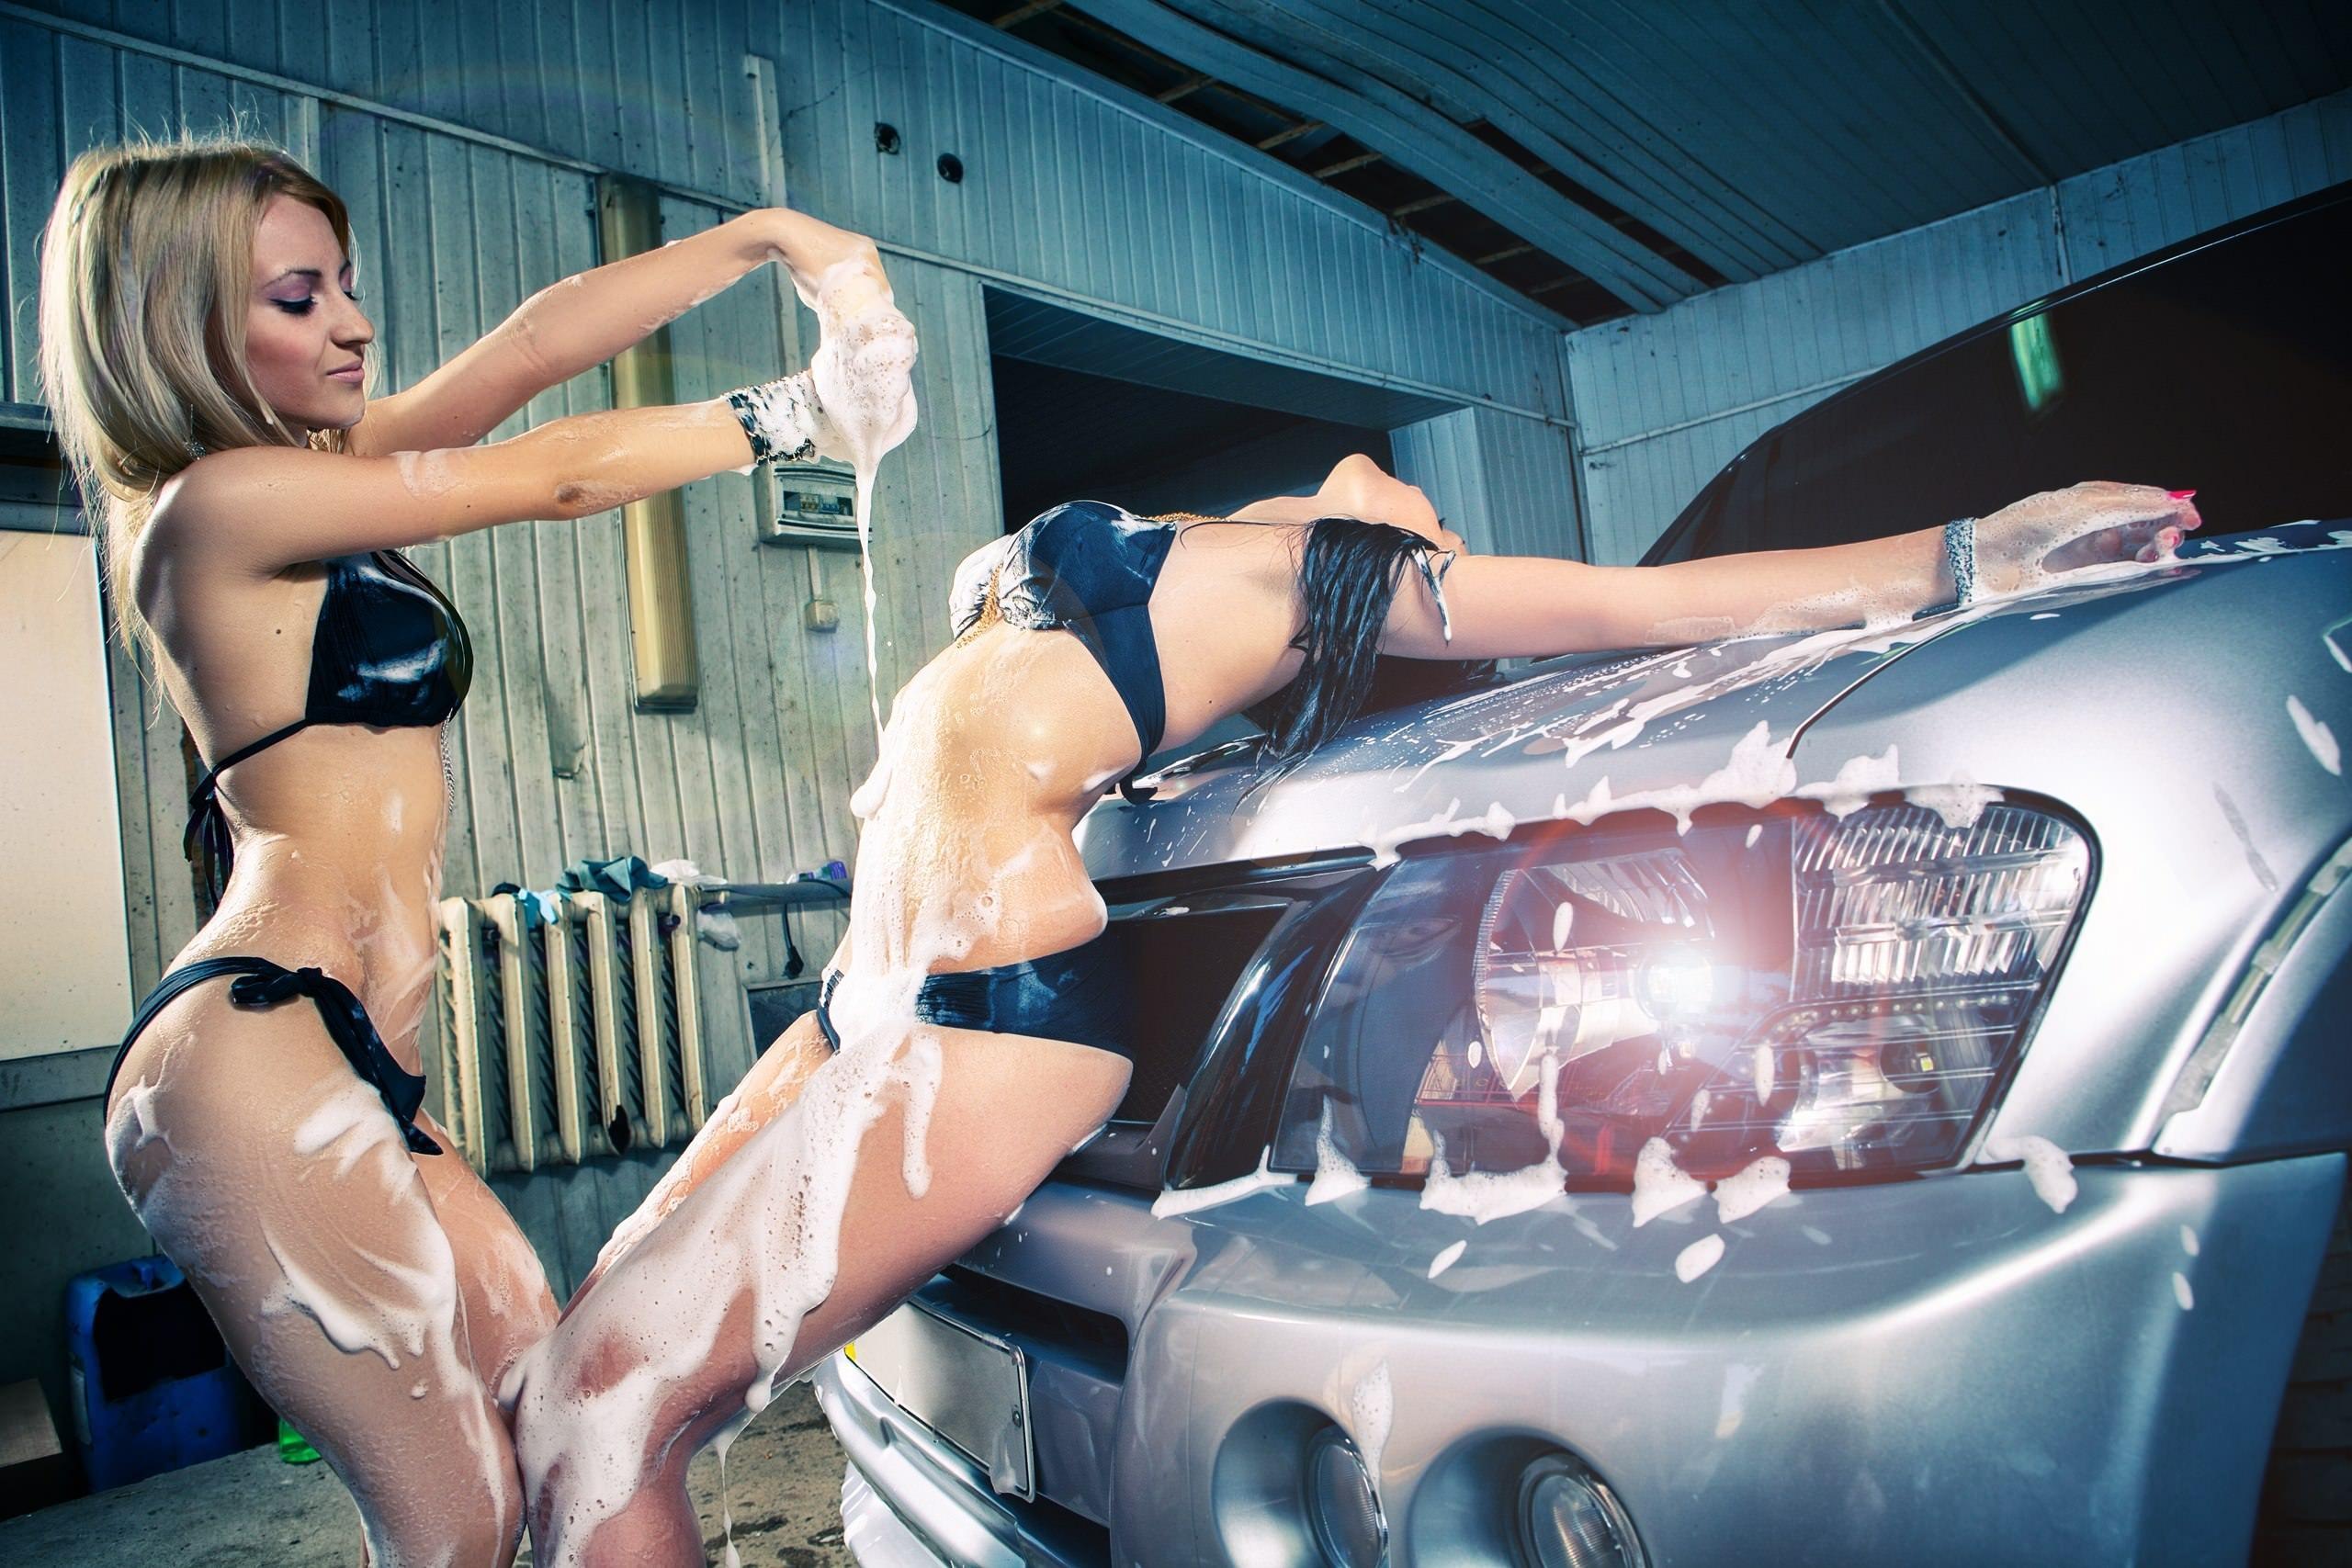 Amazingly lovely ebony chicks are into extra hot car washing № 110946 загрузить